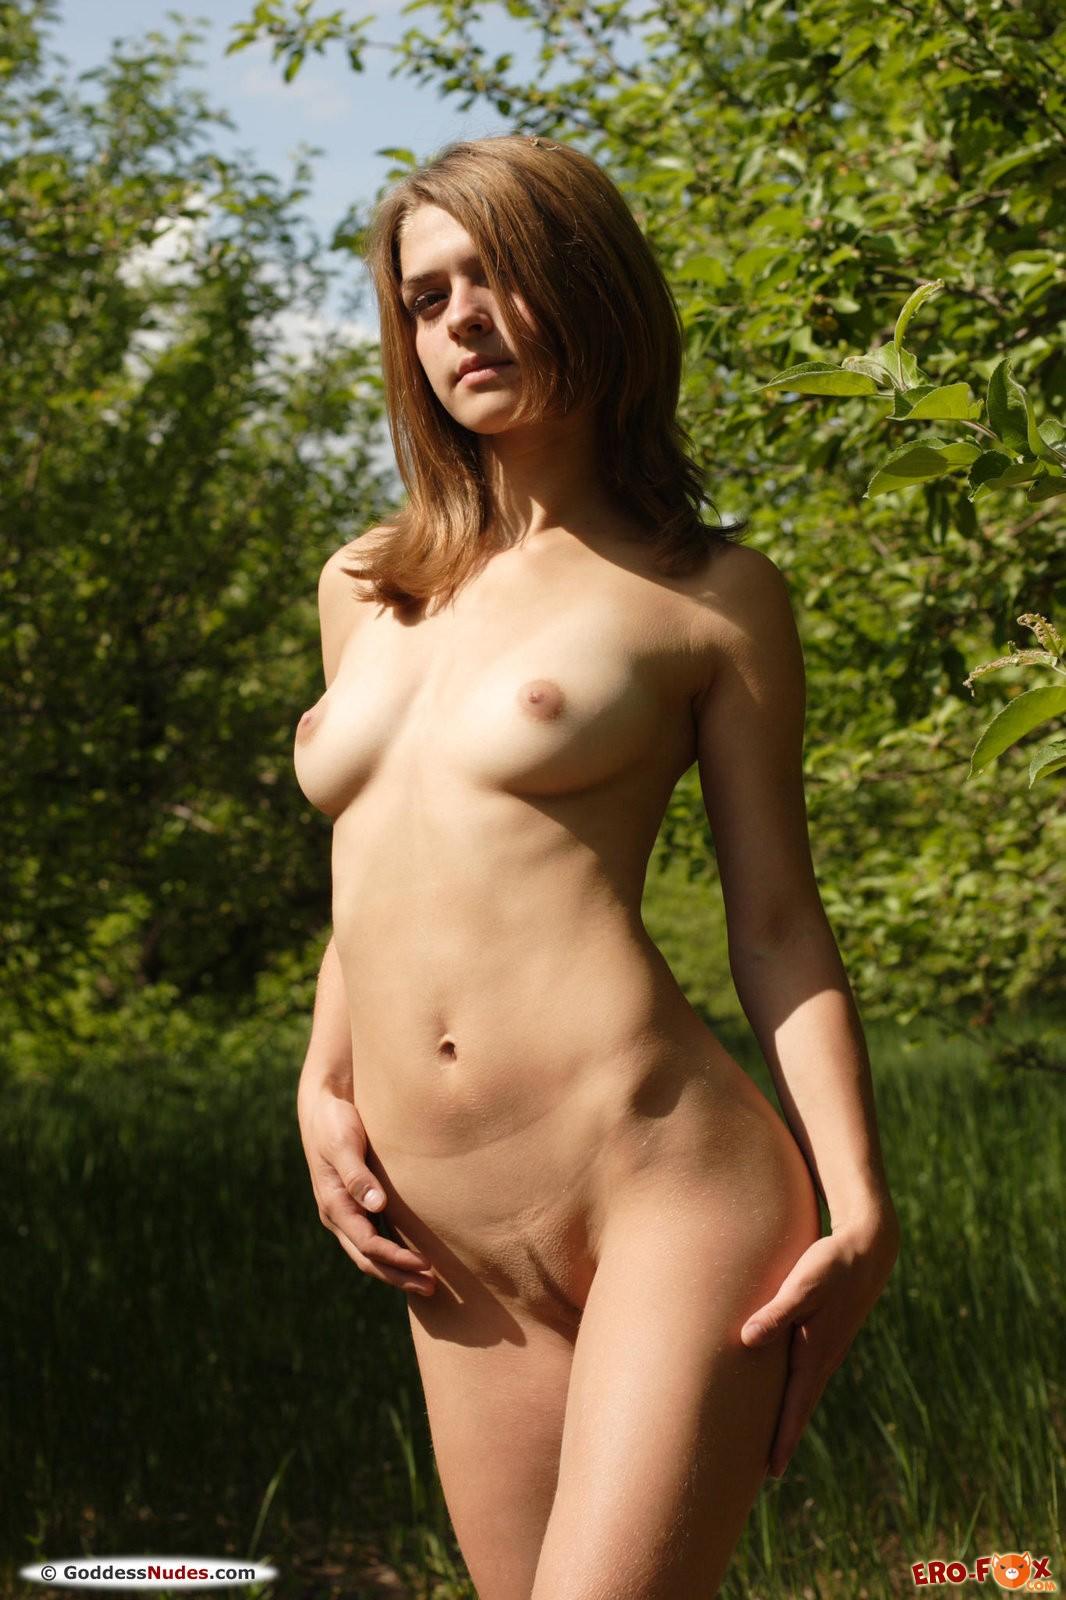 Сексуальная голая девушка отдыхает на природе